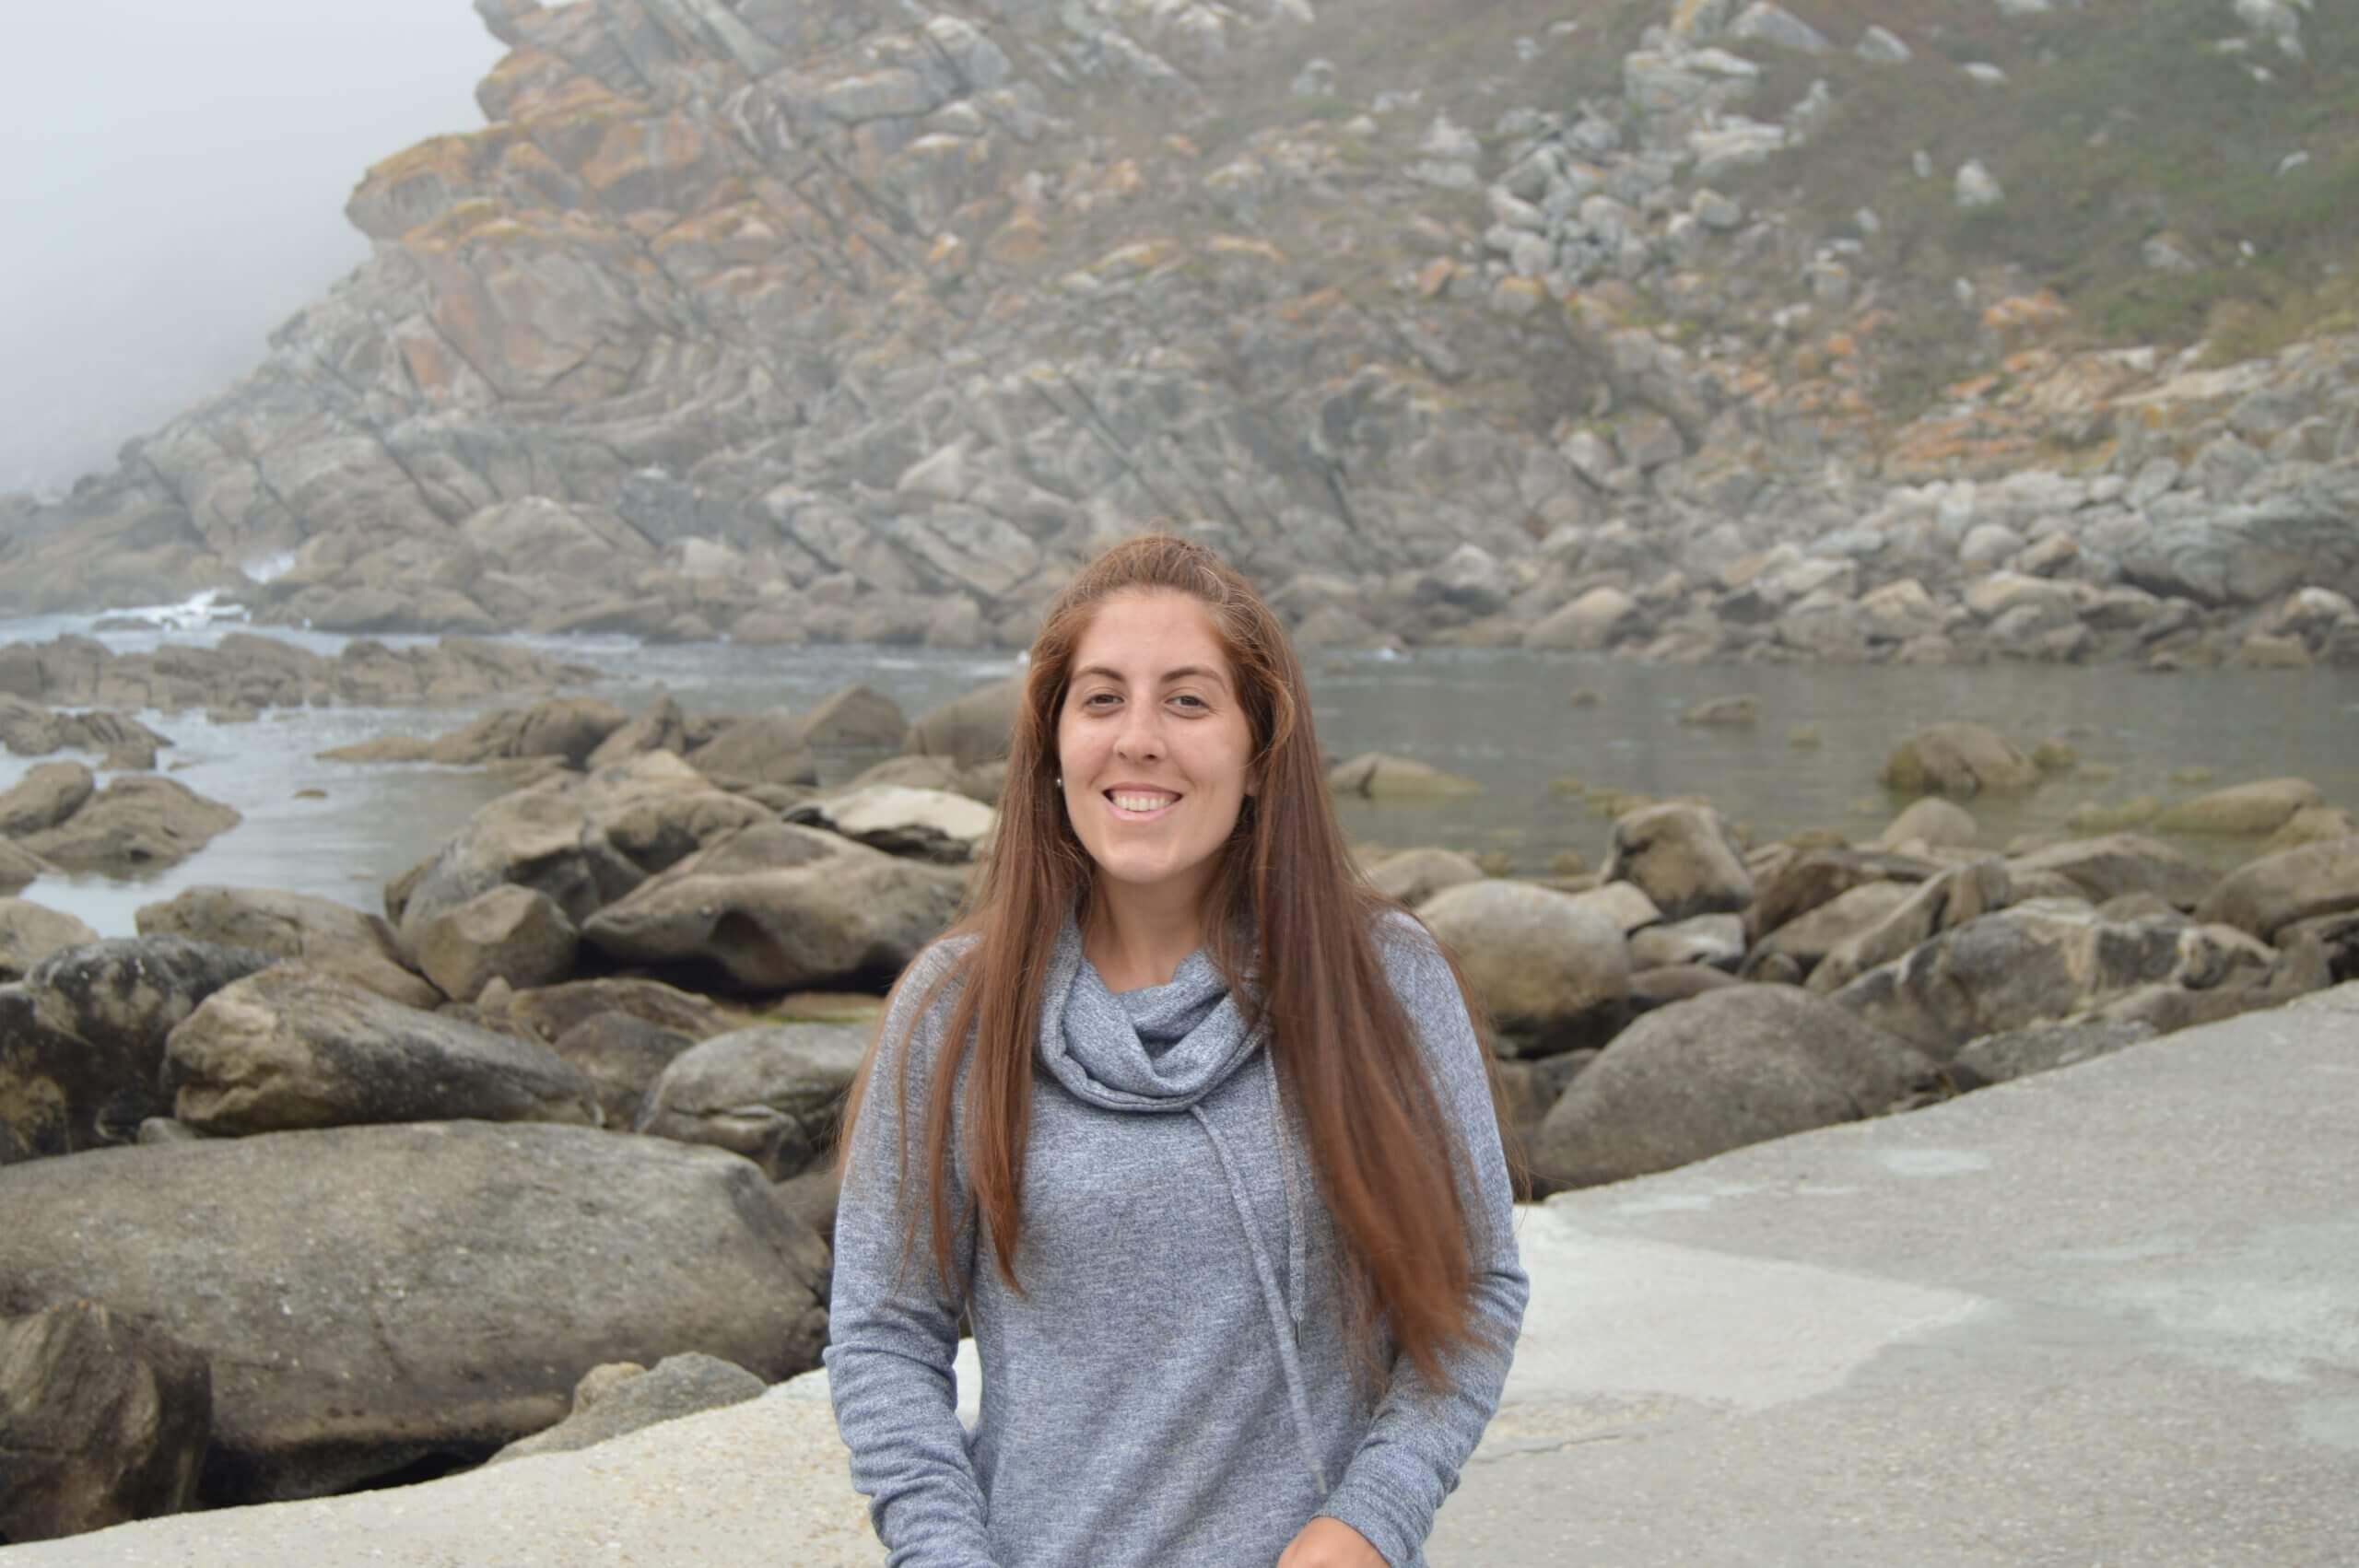 Sara Pombal, creadora, fundadora y copywriter de dandosentido.com